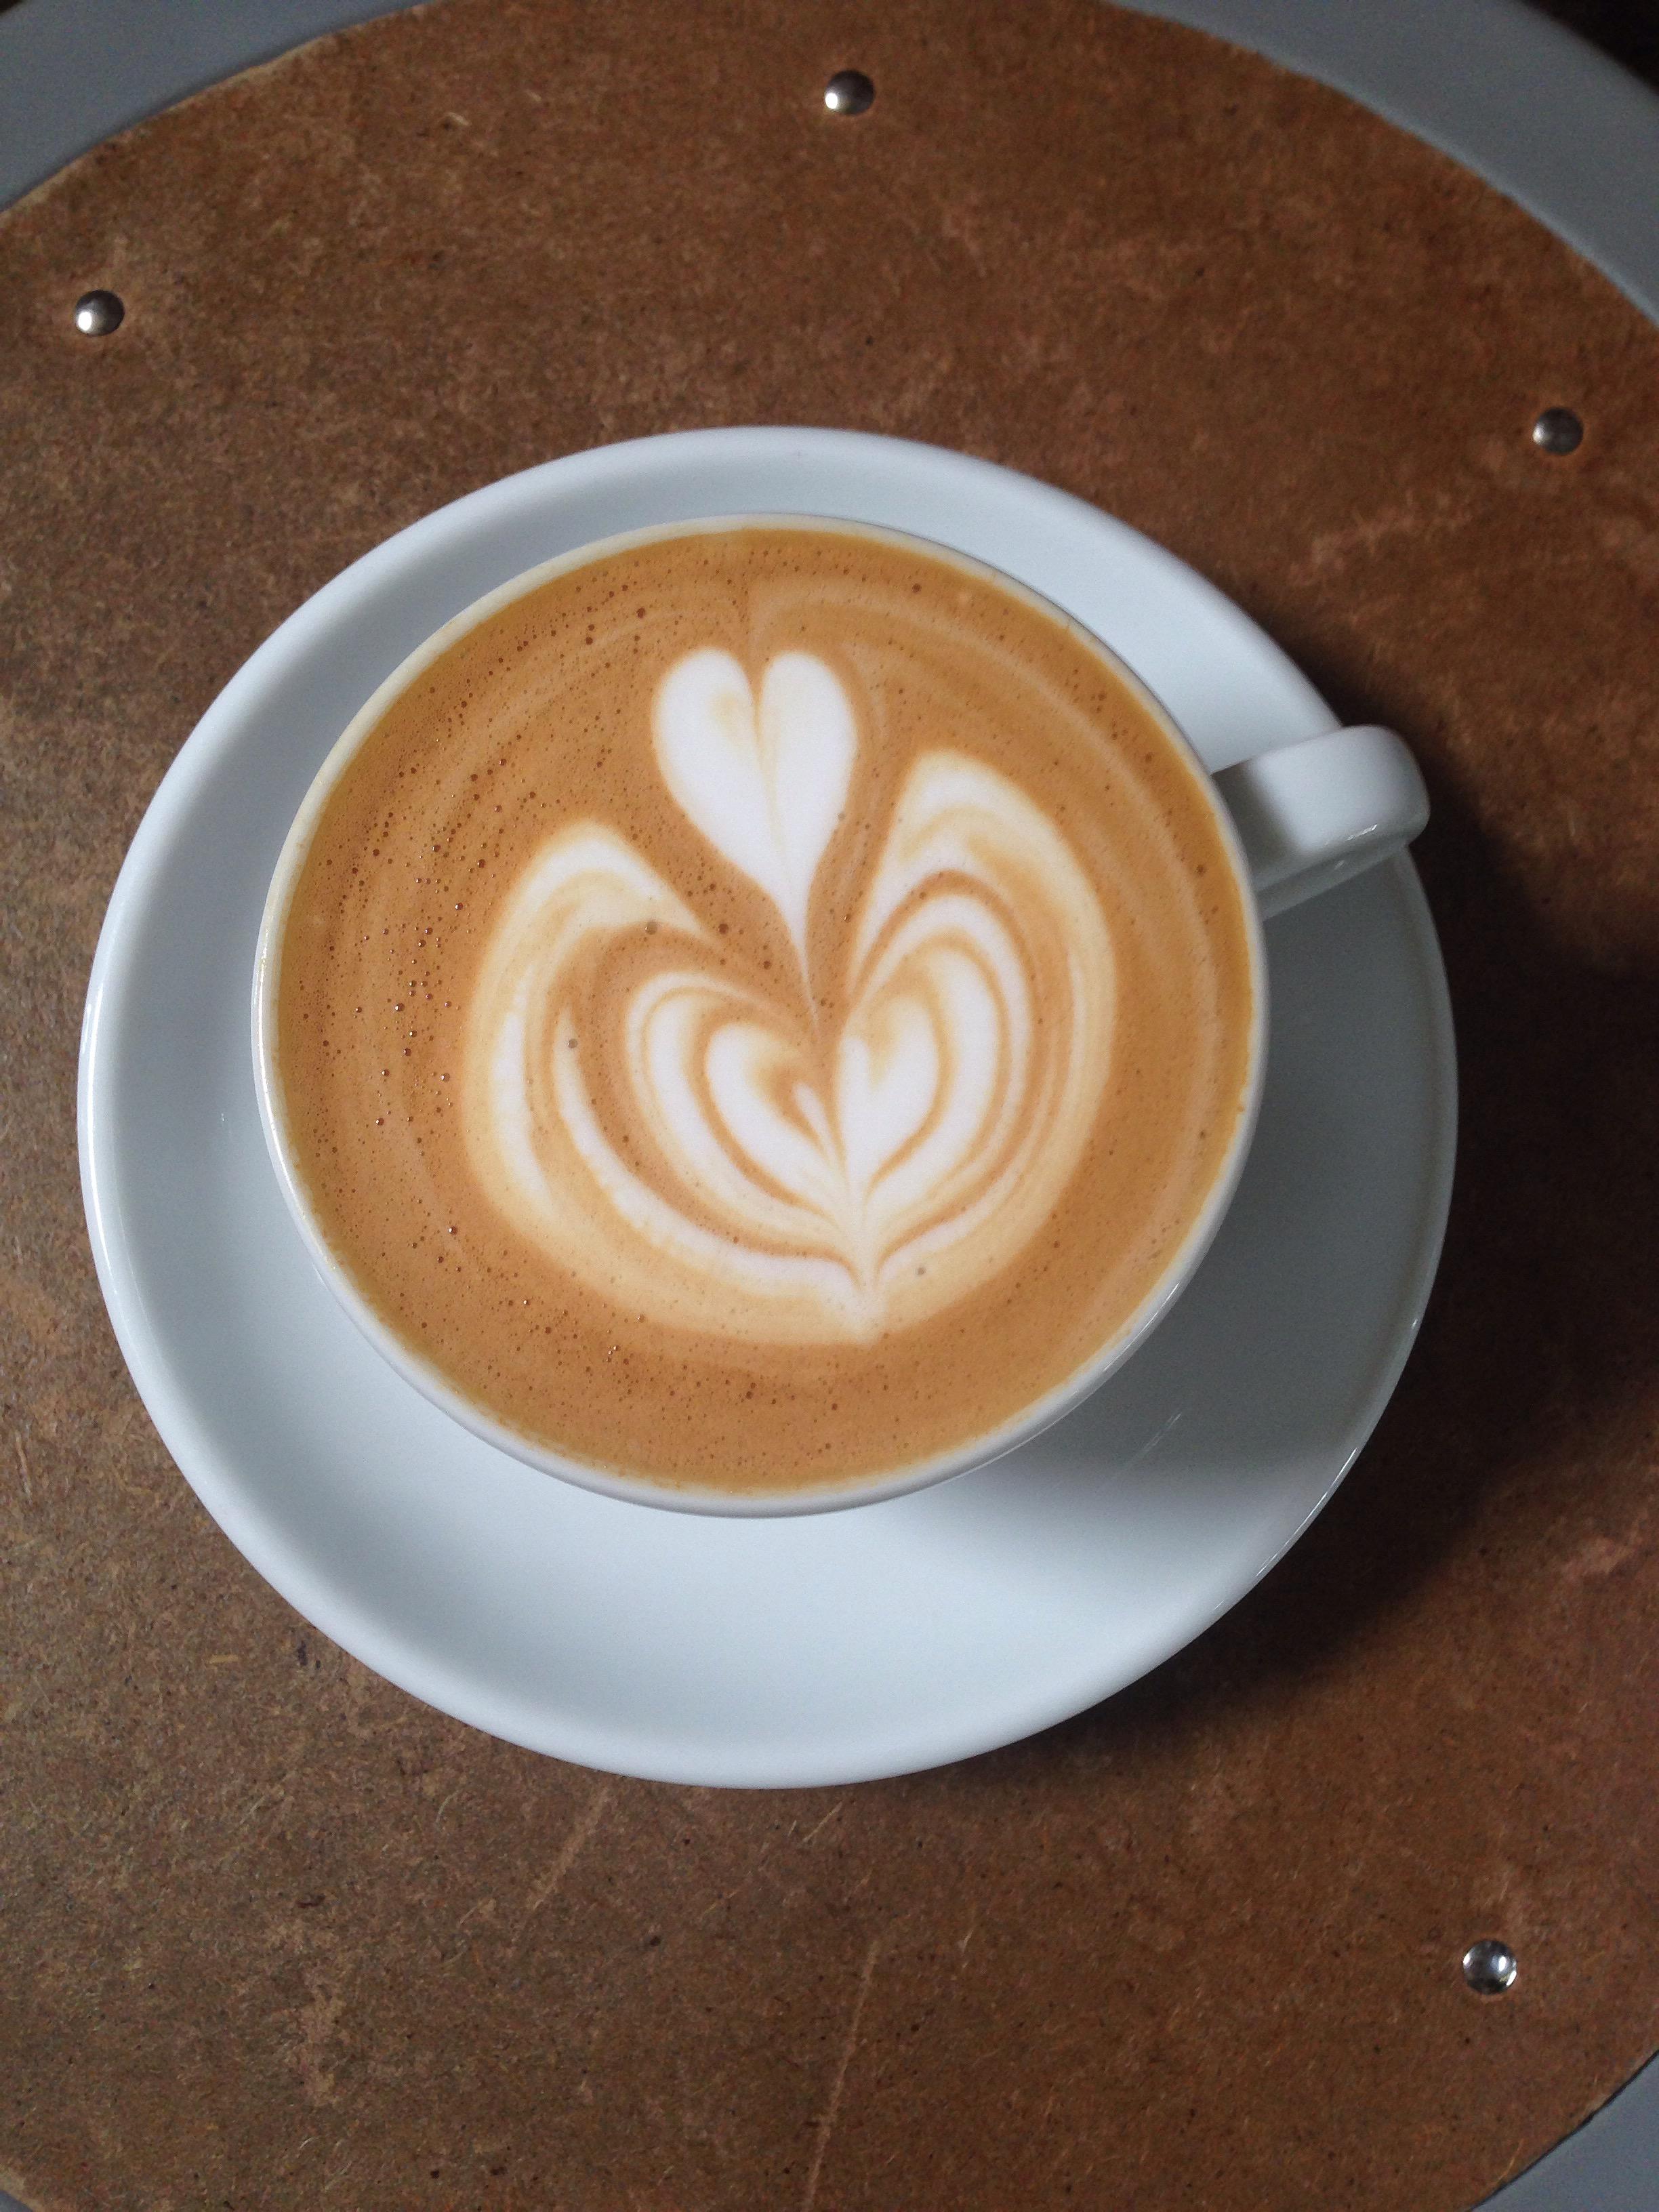 coffee-portola coffee lab-costa mesa-orange county-california